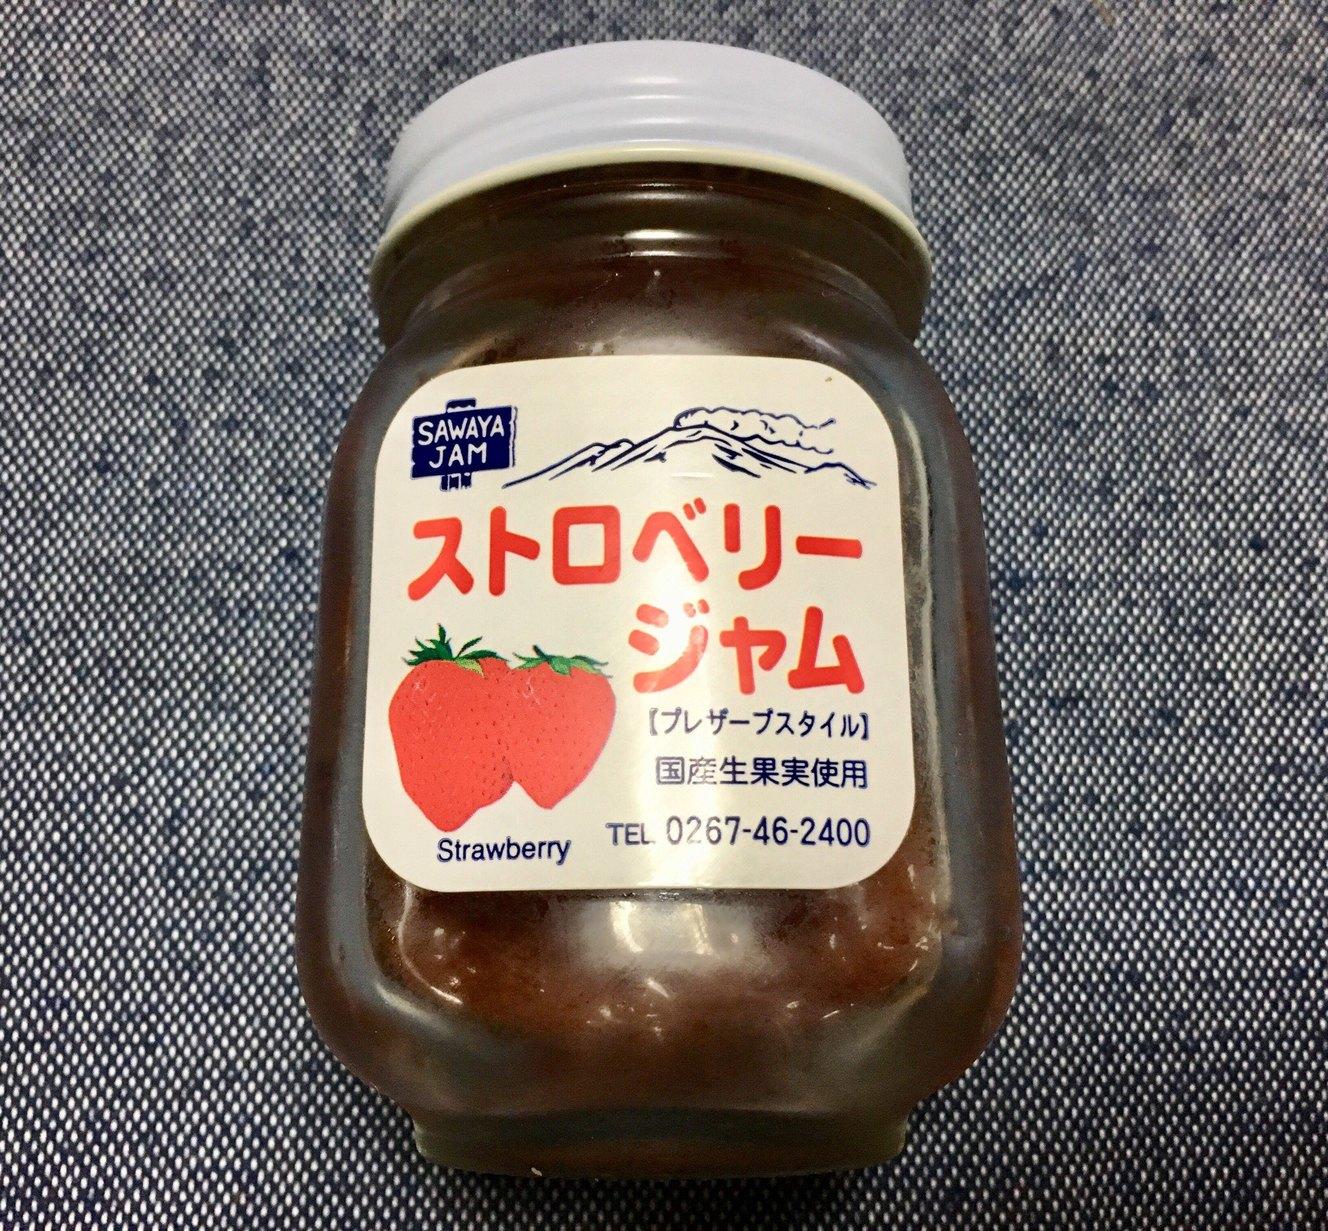 沢屋 軽井沢バイバス店 name=